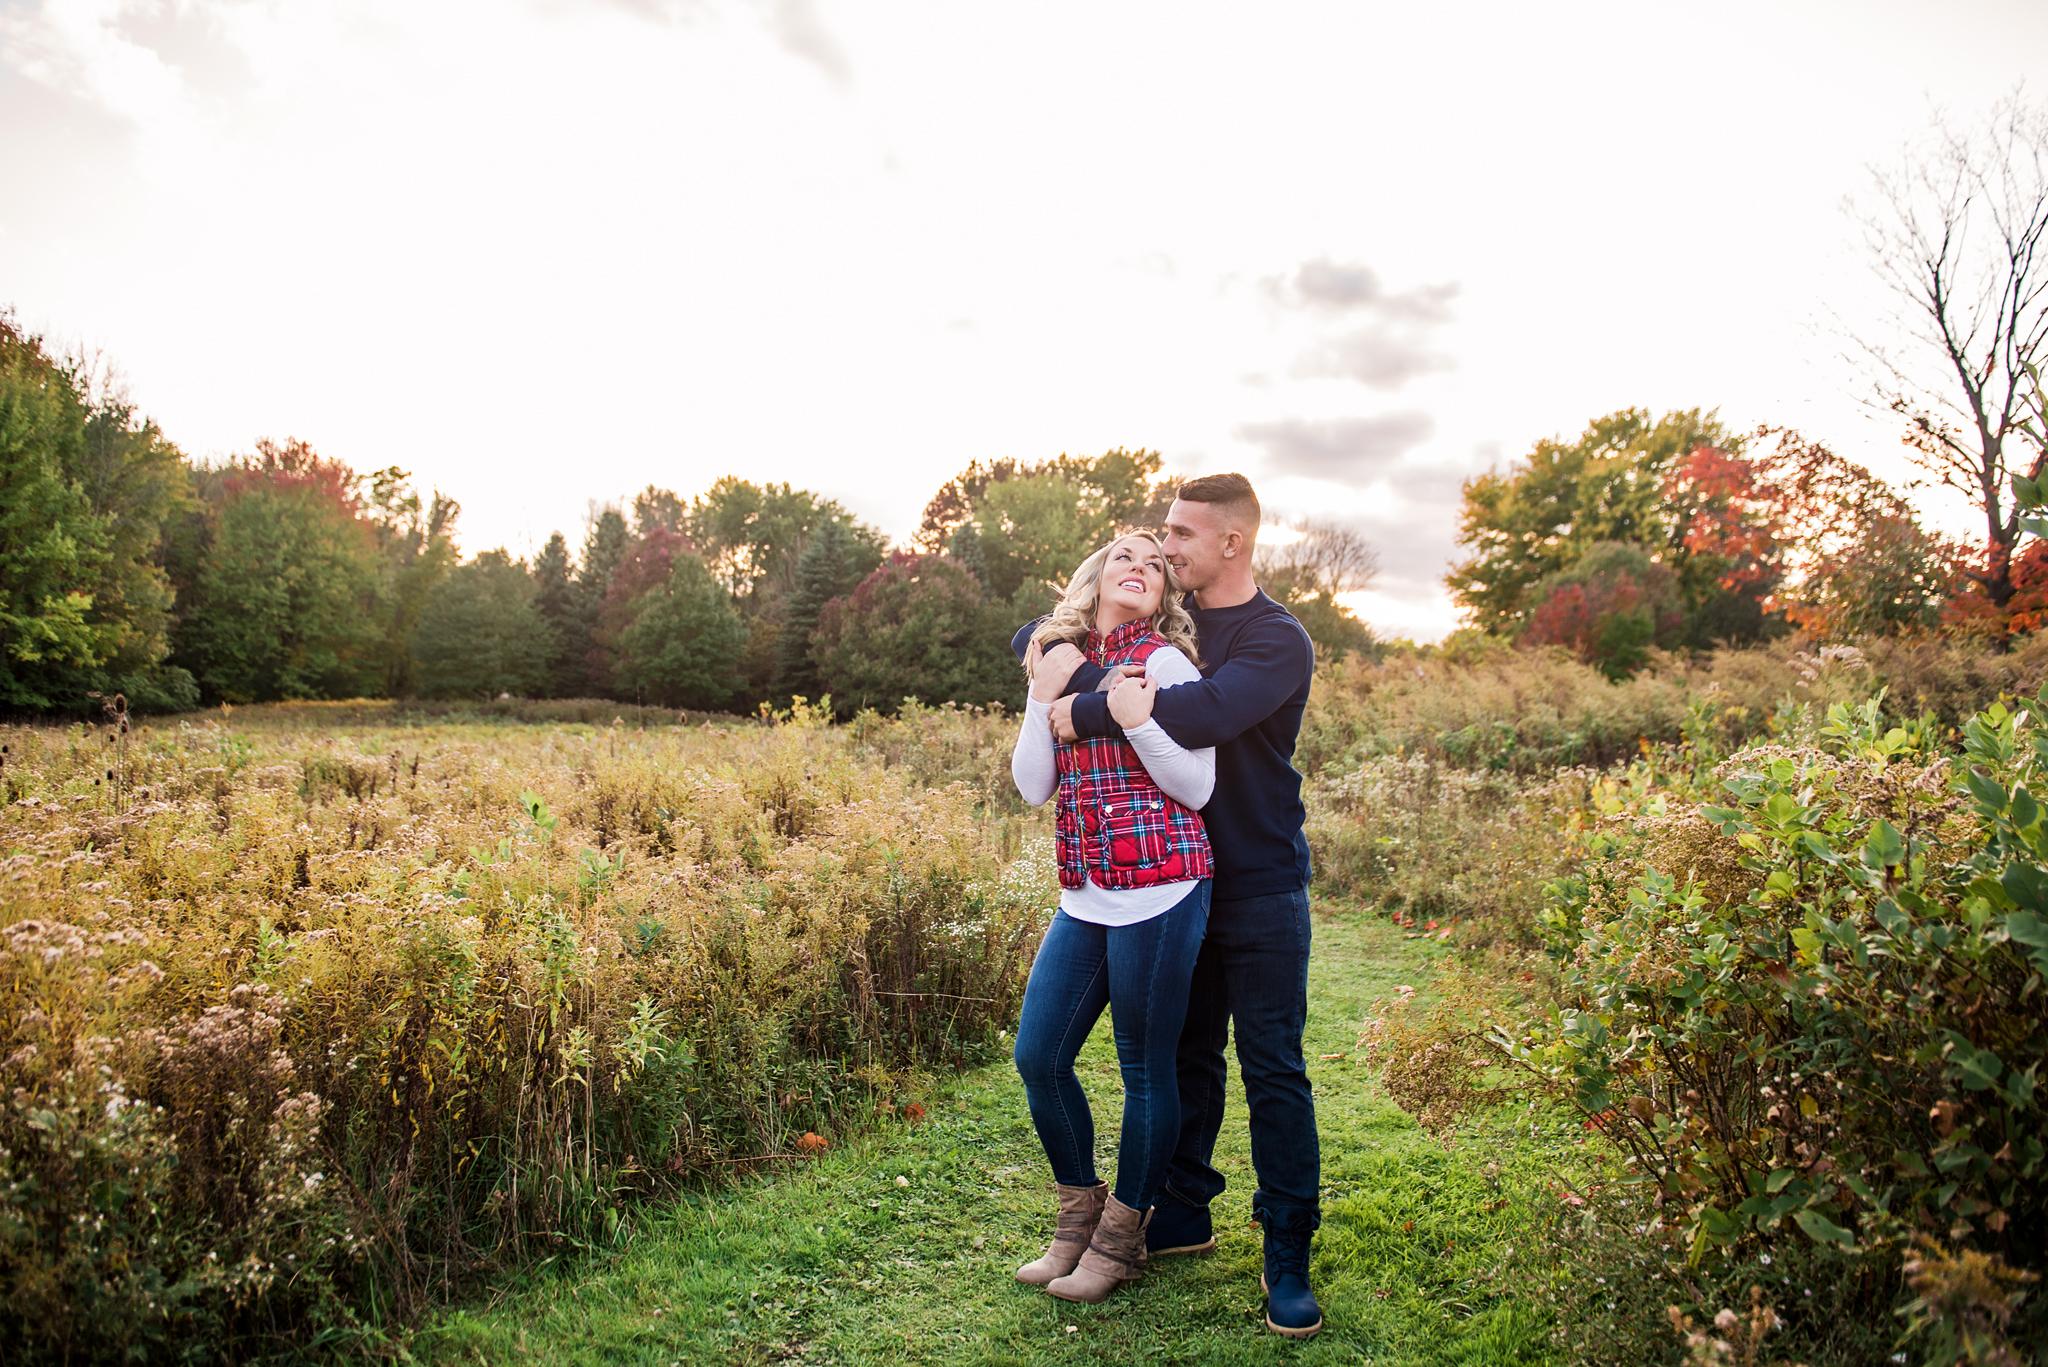 Tinker_Nature_Park_Rochester_Couples_Session_JILL_STUDIO_Rochester_NY_Photographer_DSC_4938.jpg